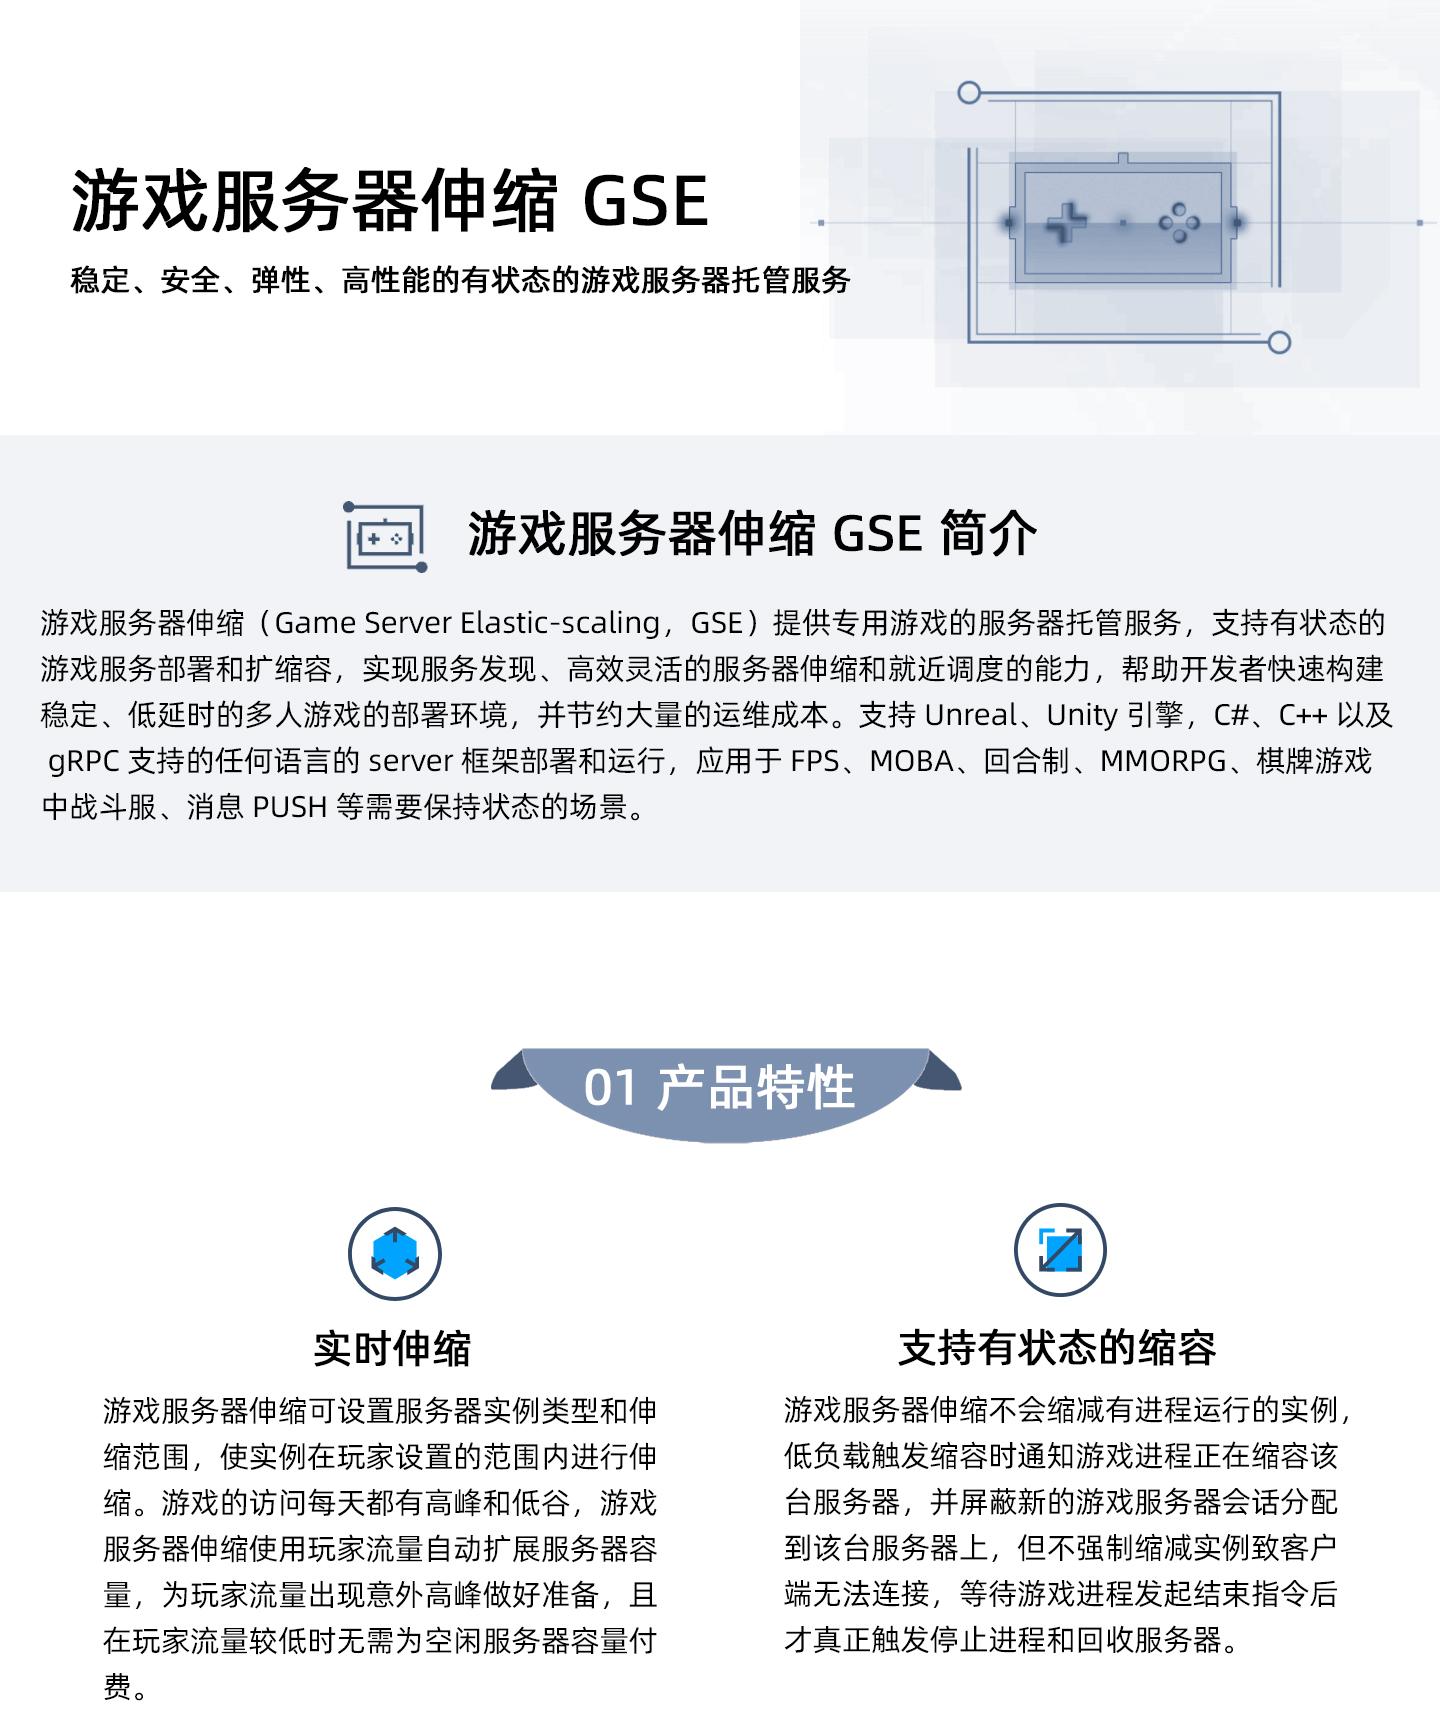 游戏服务器伸缩-GSE-1440_01.jpg